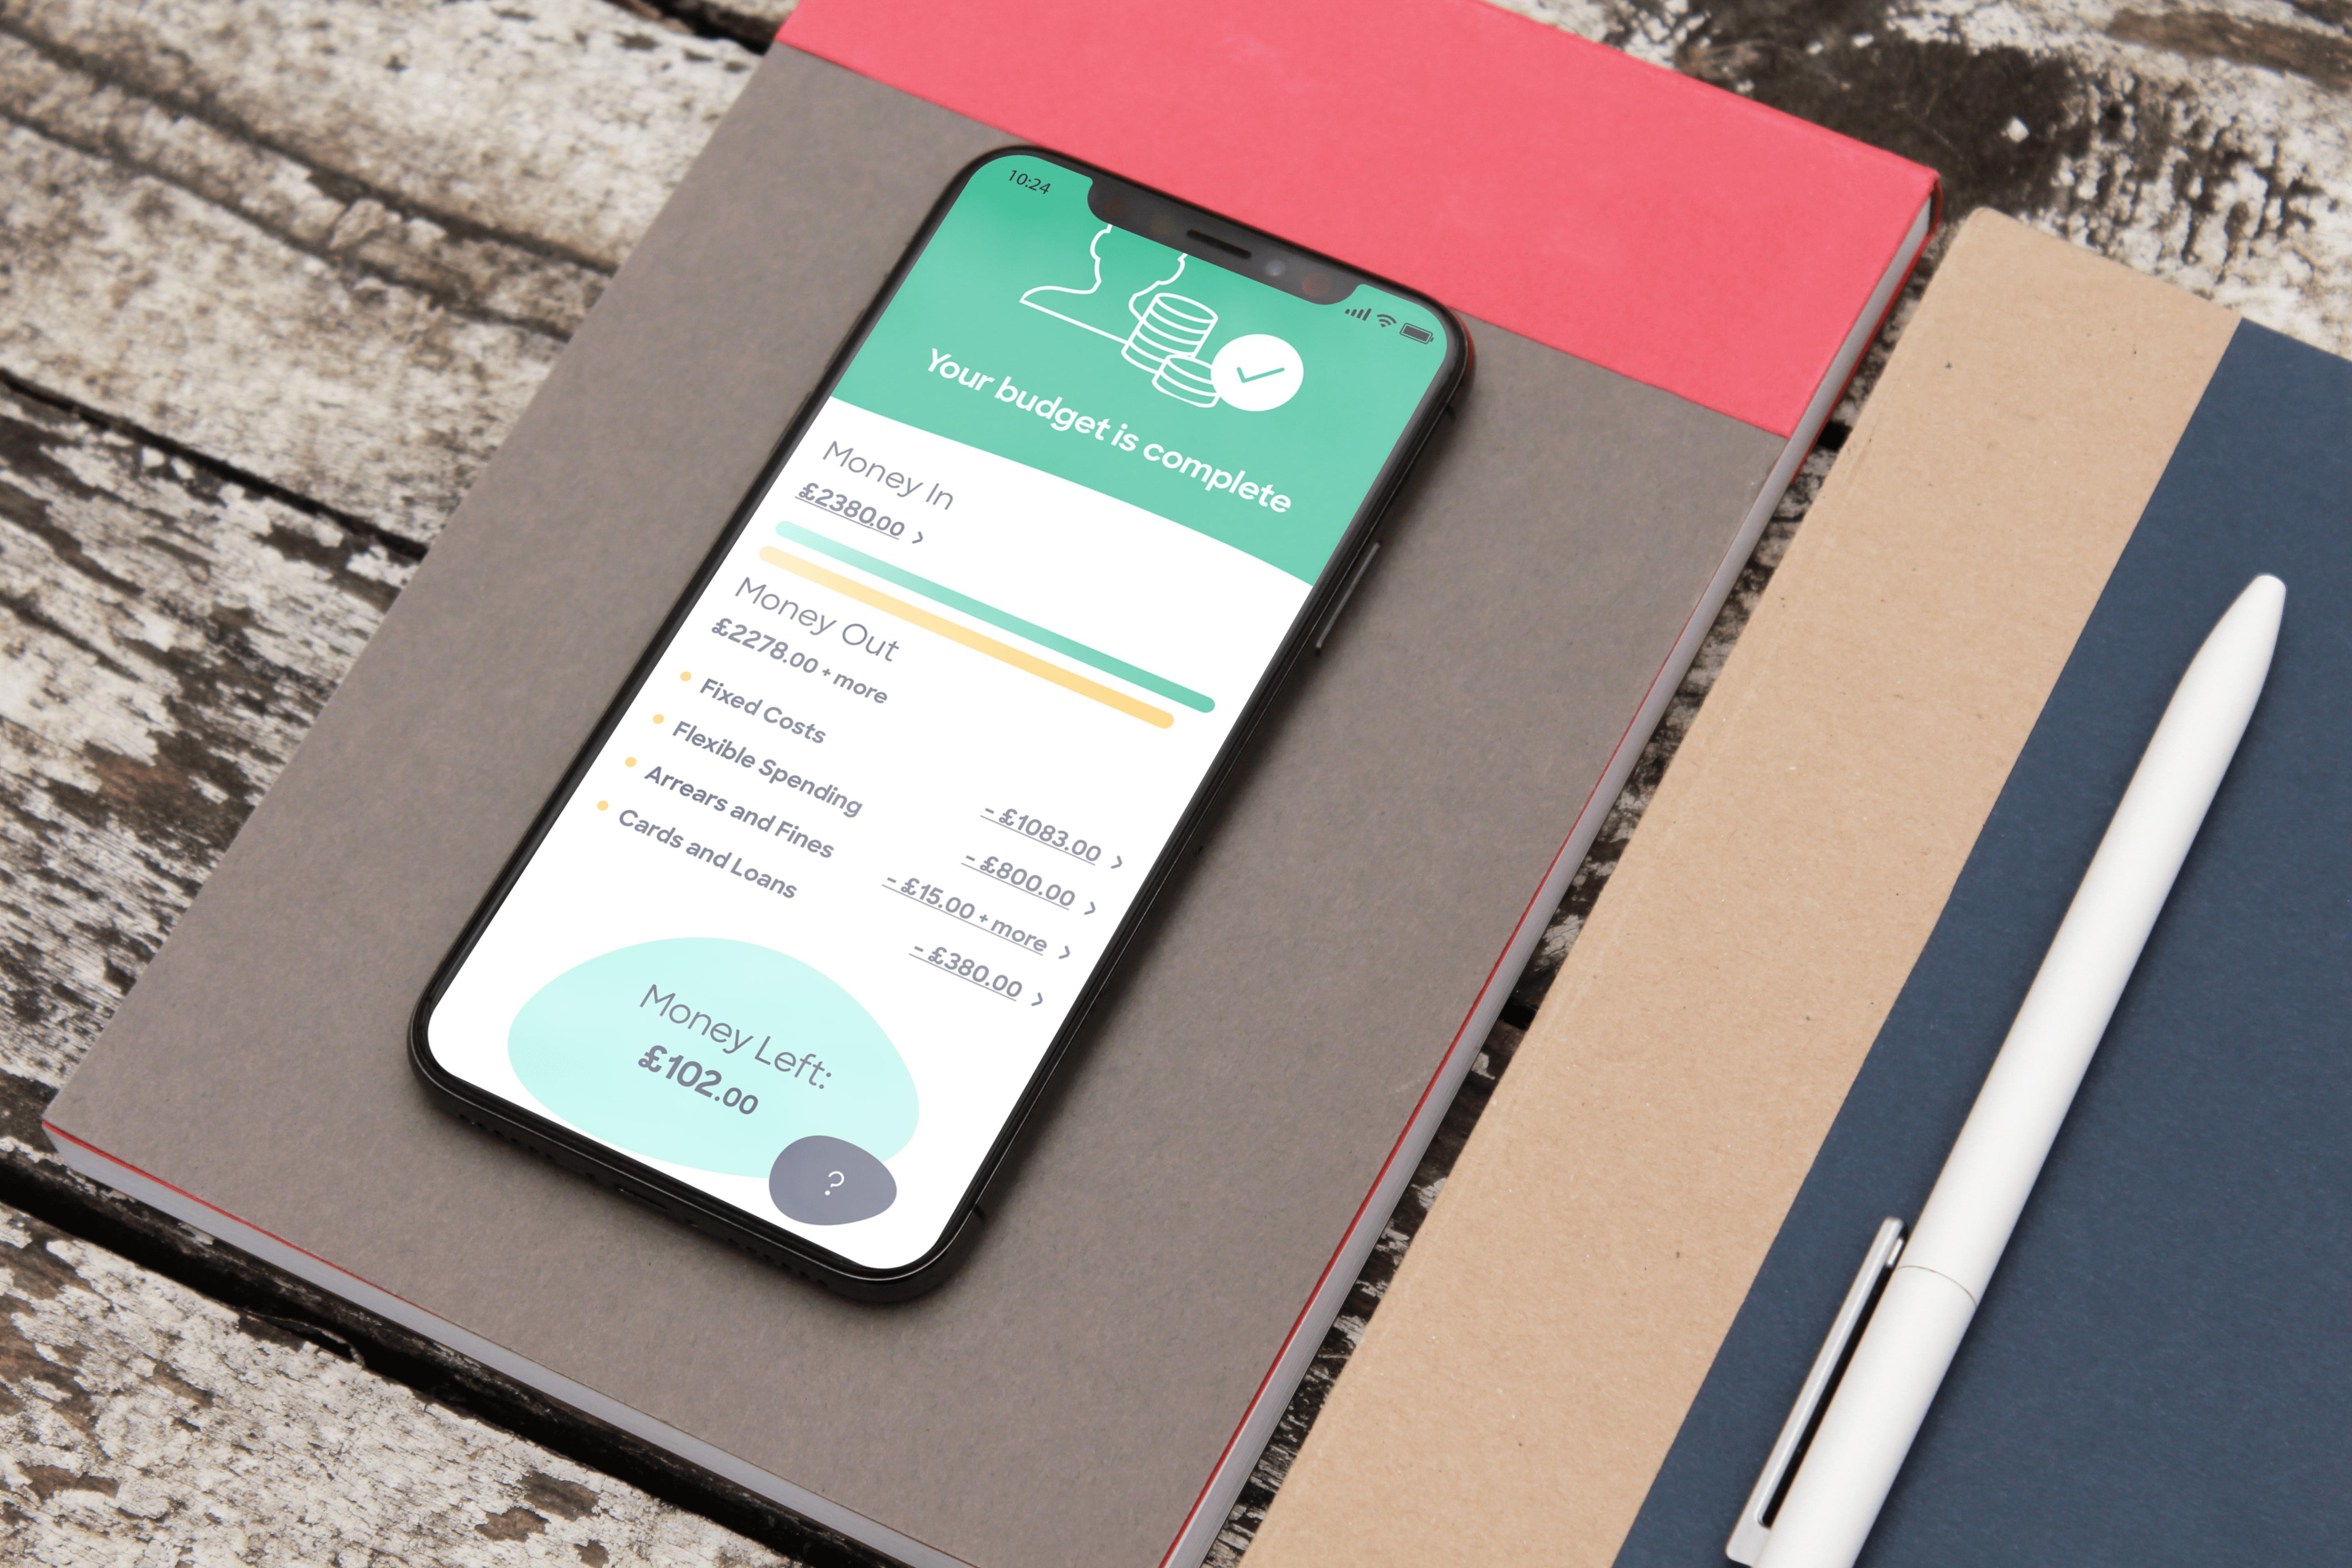 Open up 2020 app